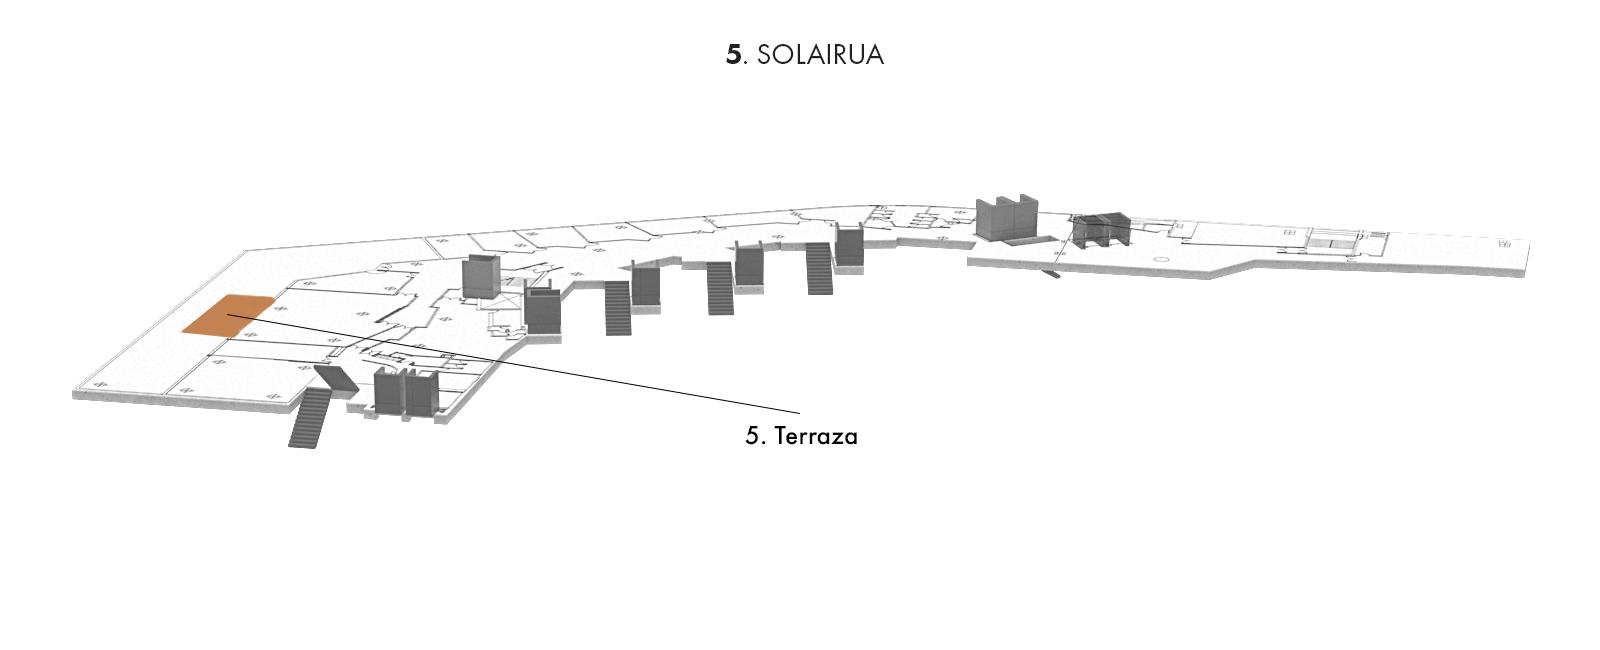 5. Terraza, 5. solairua | Palacio Euskalduna Jauregia